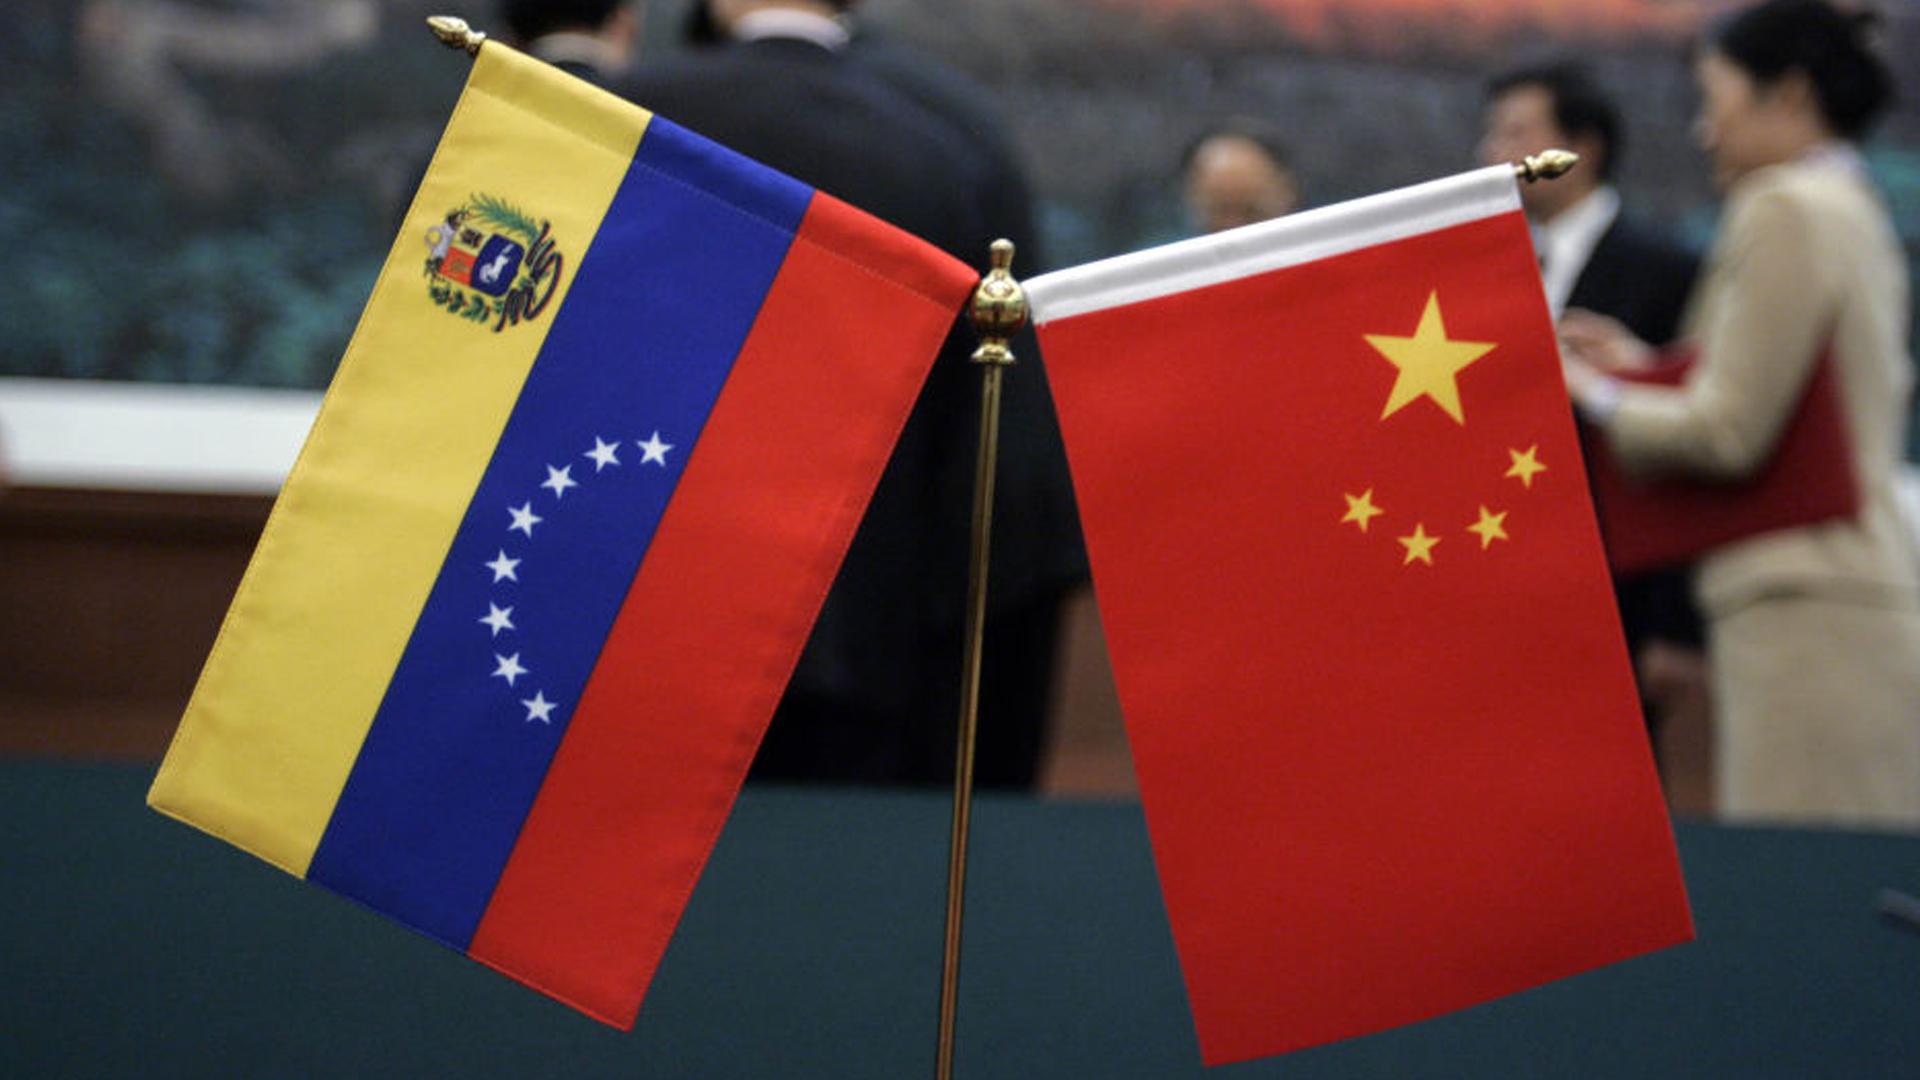 Vendata | Información sobre acuerdos suscritos entre Venezuela y China es escasa